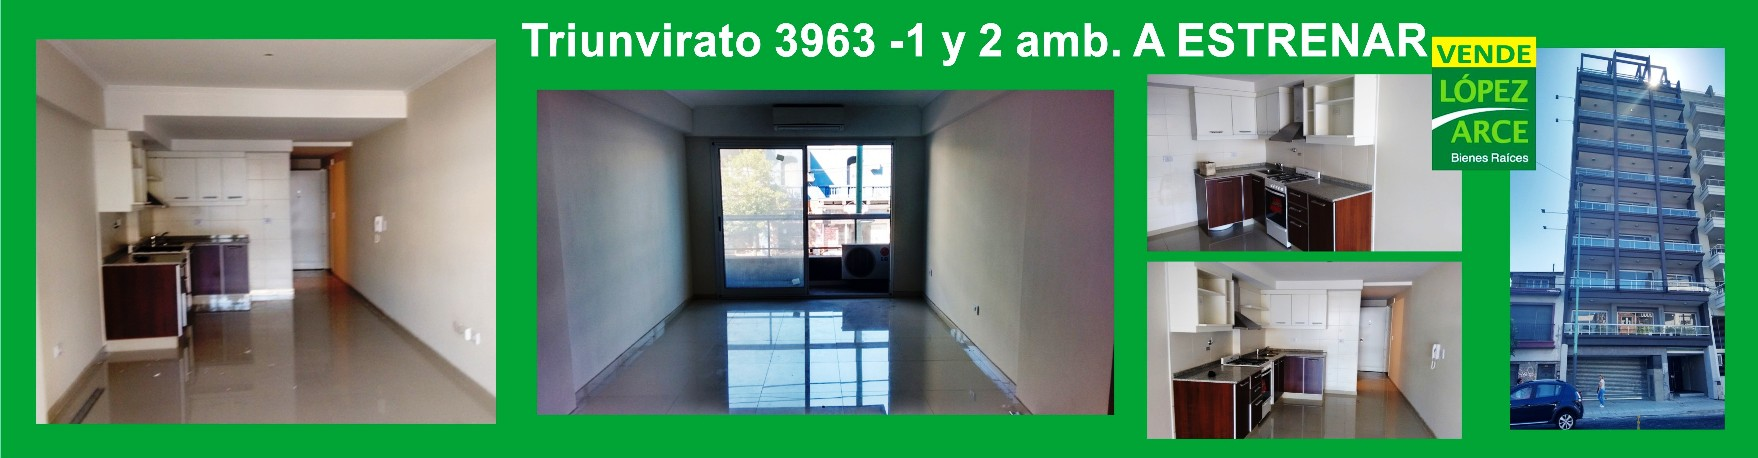 Triunvirato 3963. A Estrenar 1 y 2 amb.